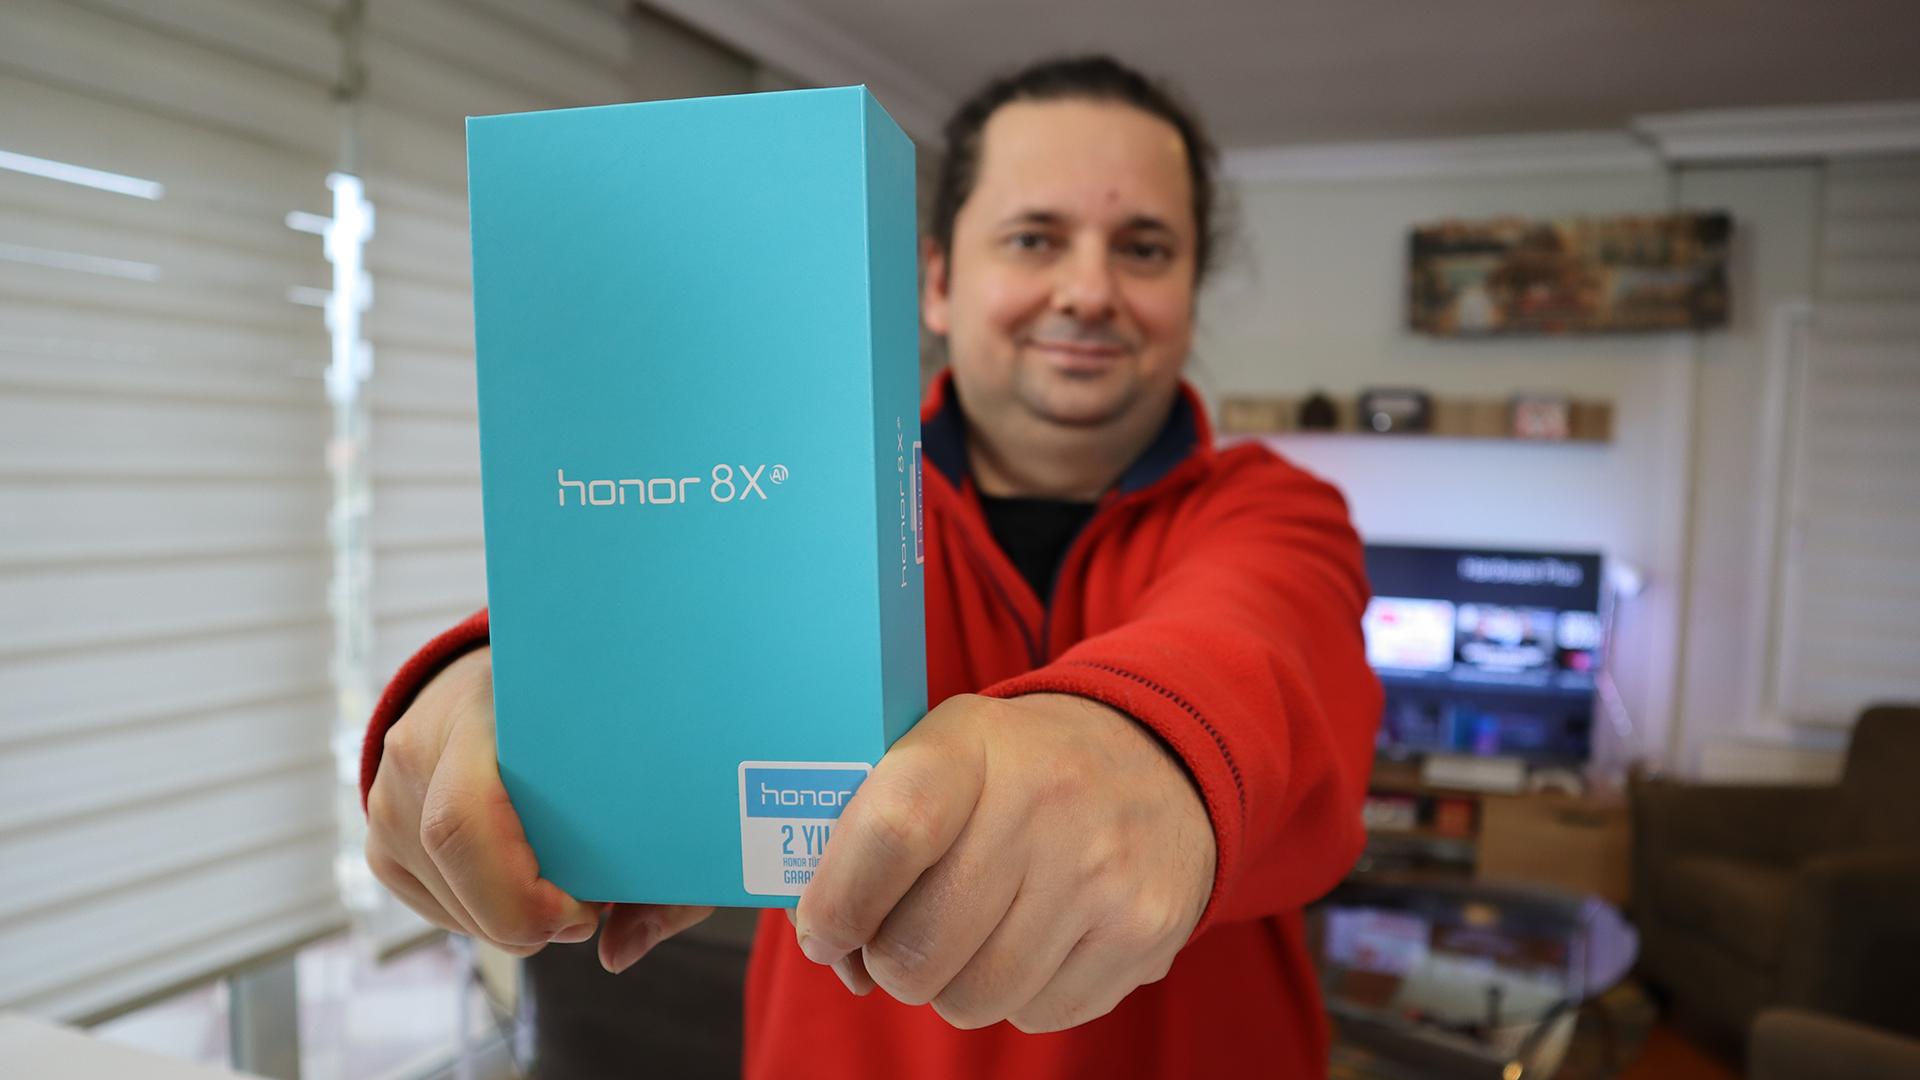 Kim kullanmak ister Honor 8X